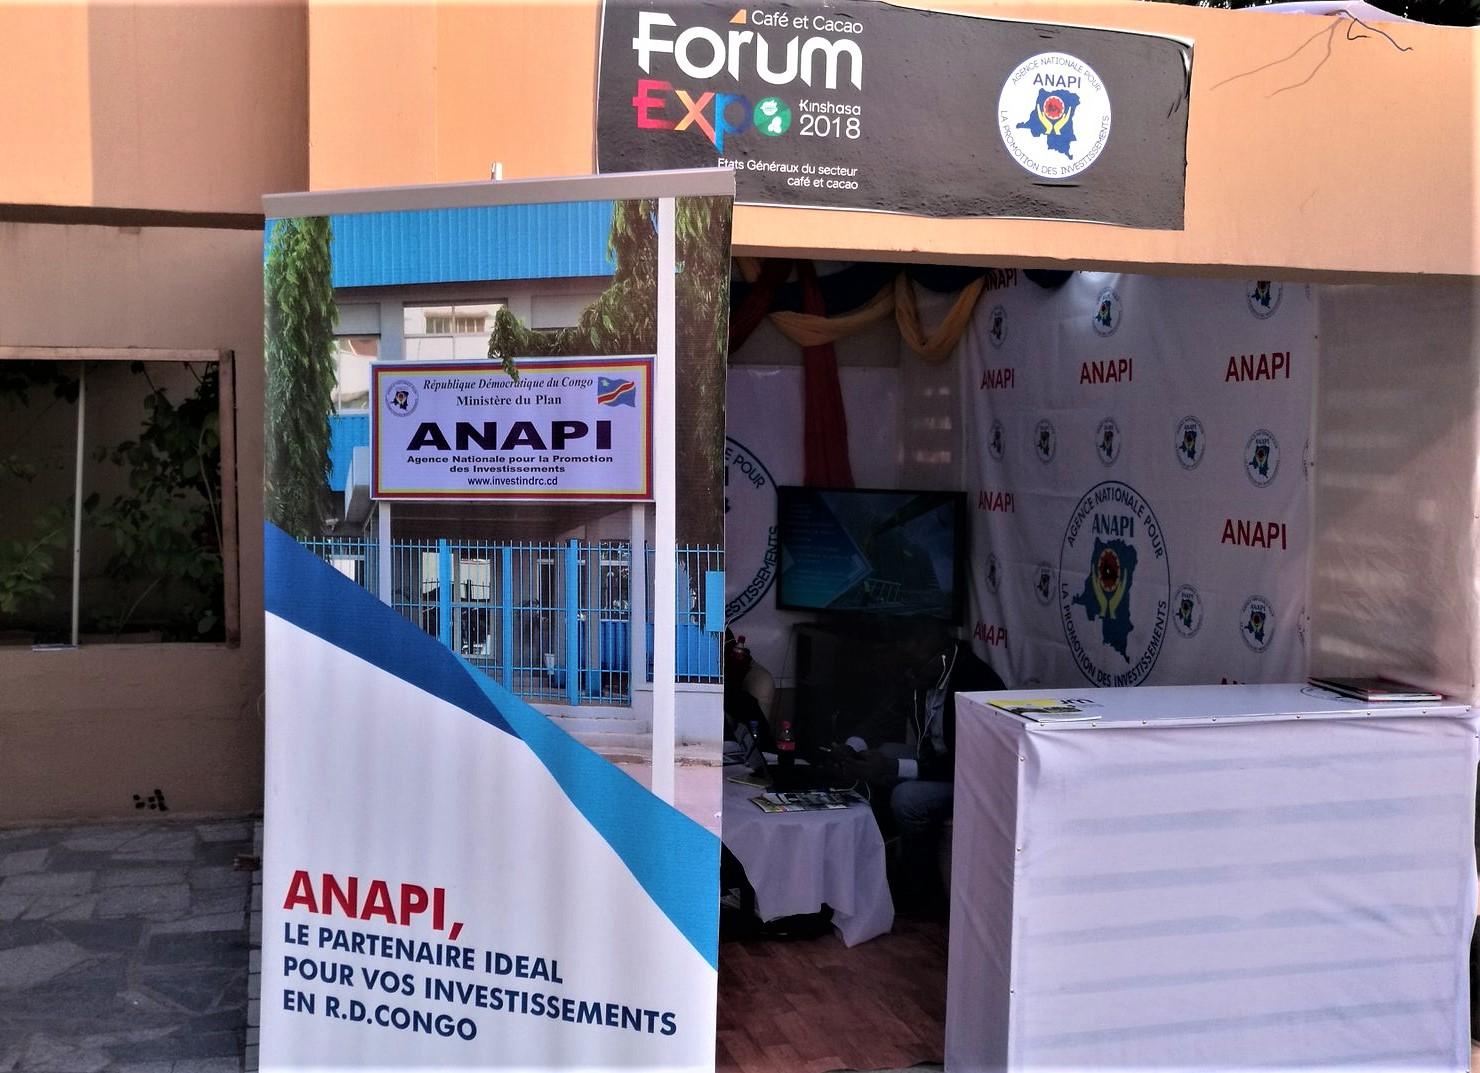 ForumCaféCacao ANAPI Communiqué @Zoom_eco